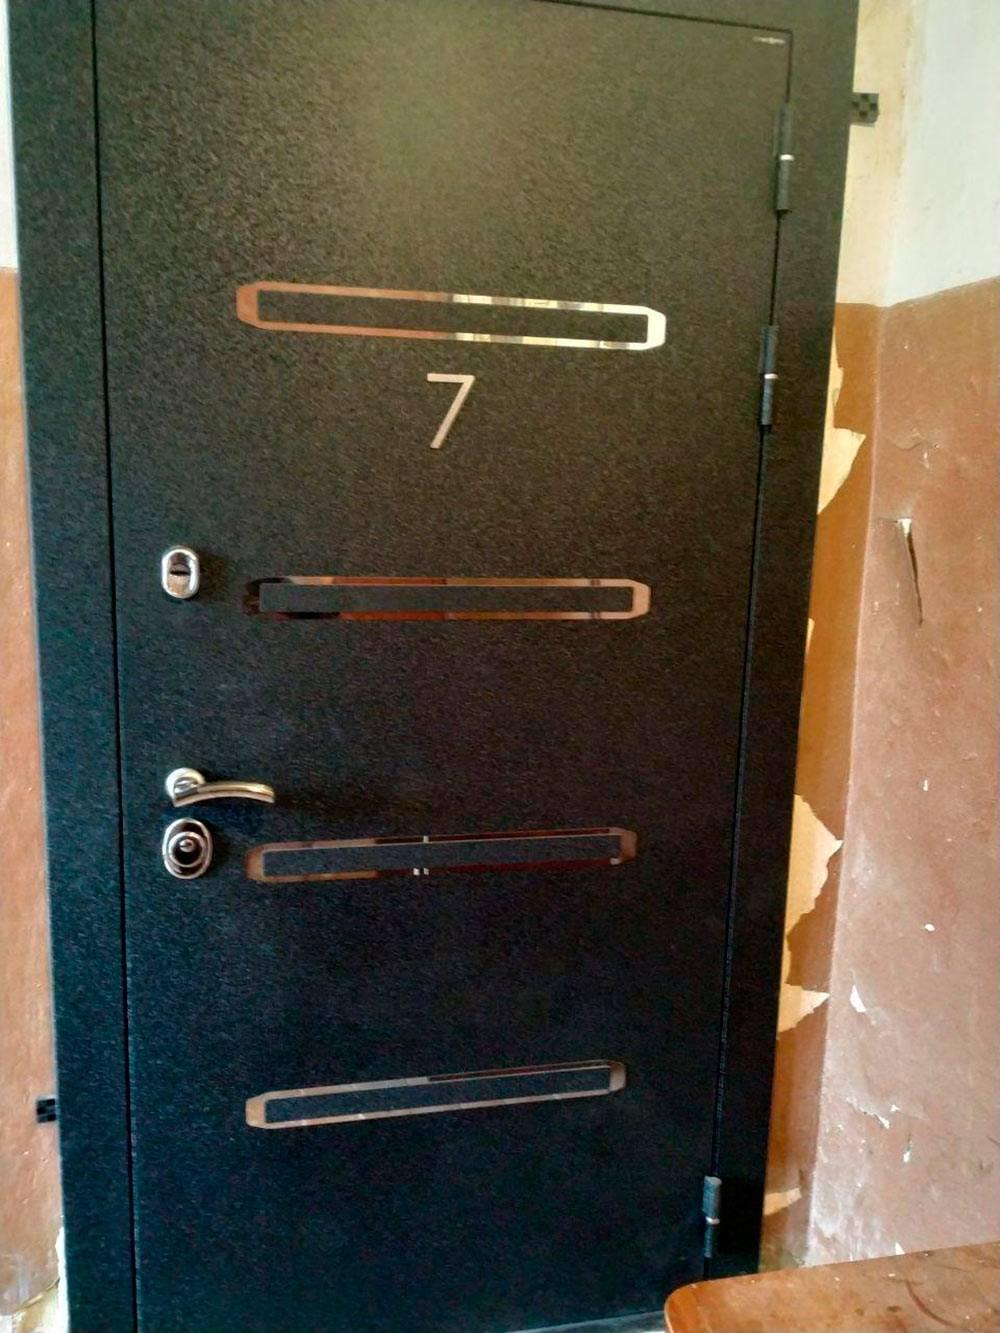 Также мы заменили входную дверь в квартиру. Подъезд у нас не очень красивый, но мы уже поменяли окна на пластиковые и заменили с соседями дверь в дом. Когда-нибудь доберемся и до отделки